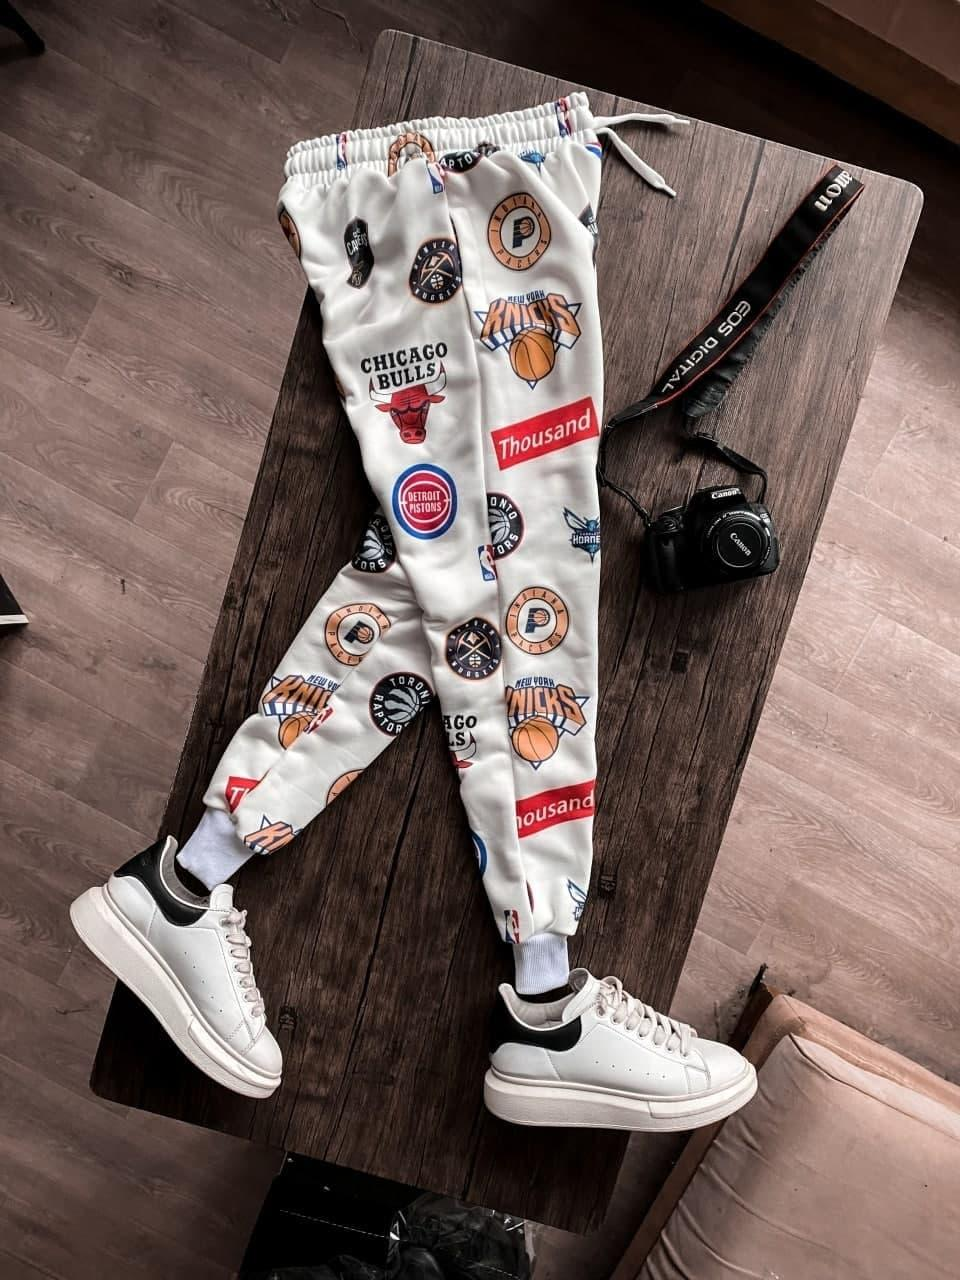 😜Спортивні штани - Чоловічі білі штани спортивки/ чоловічі спортивні штани білі з принтами